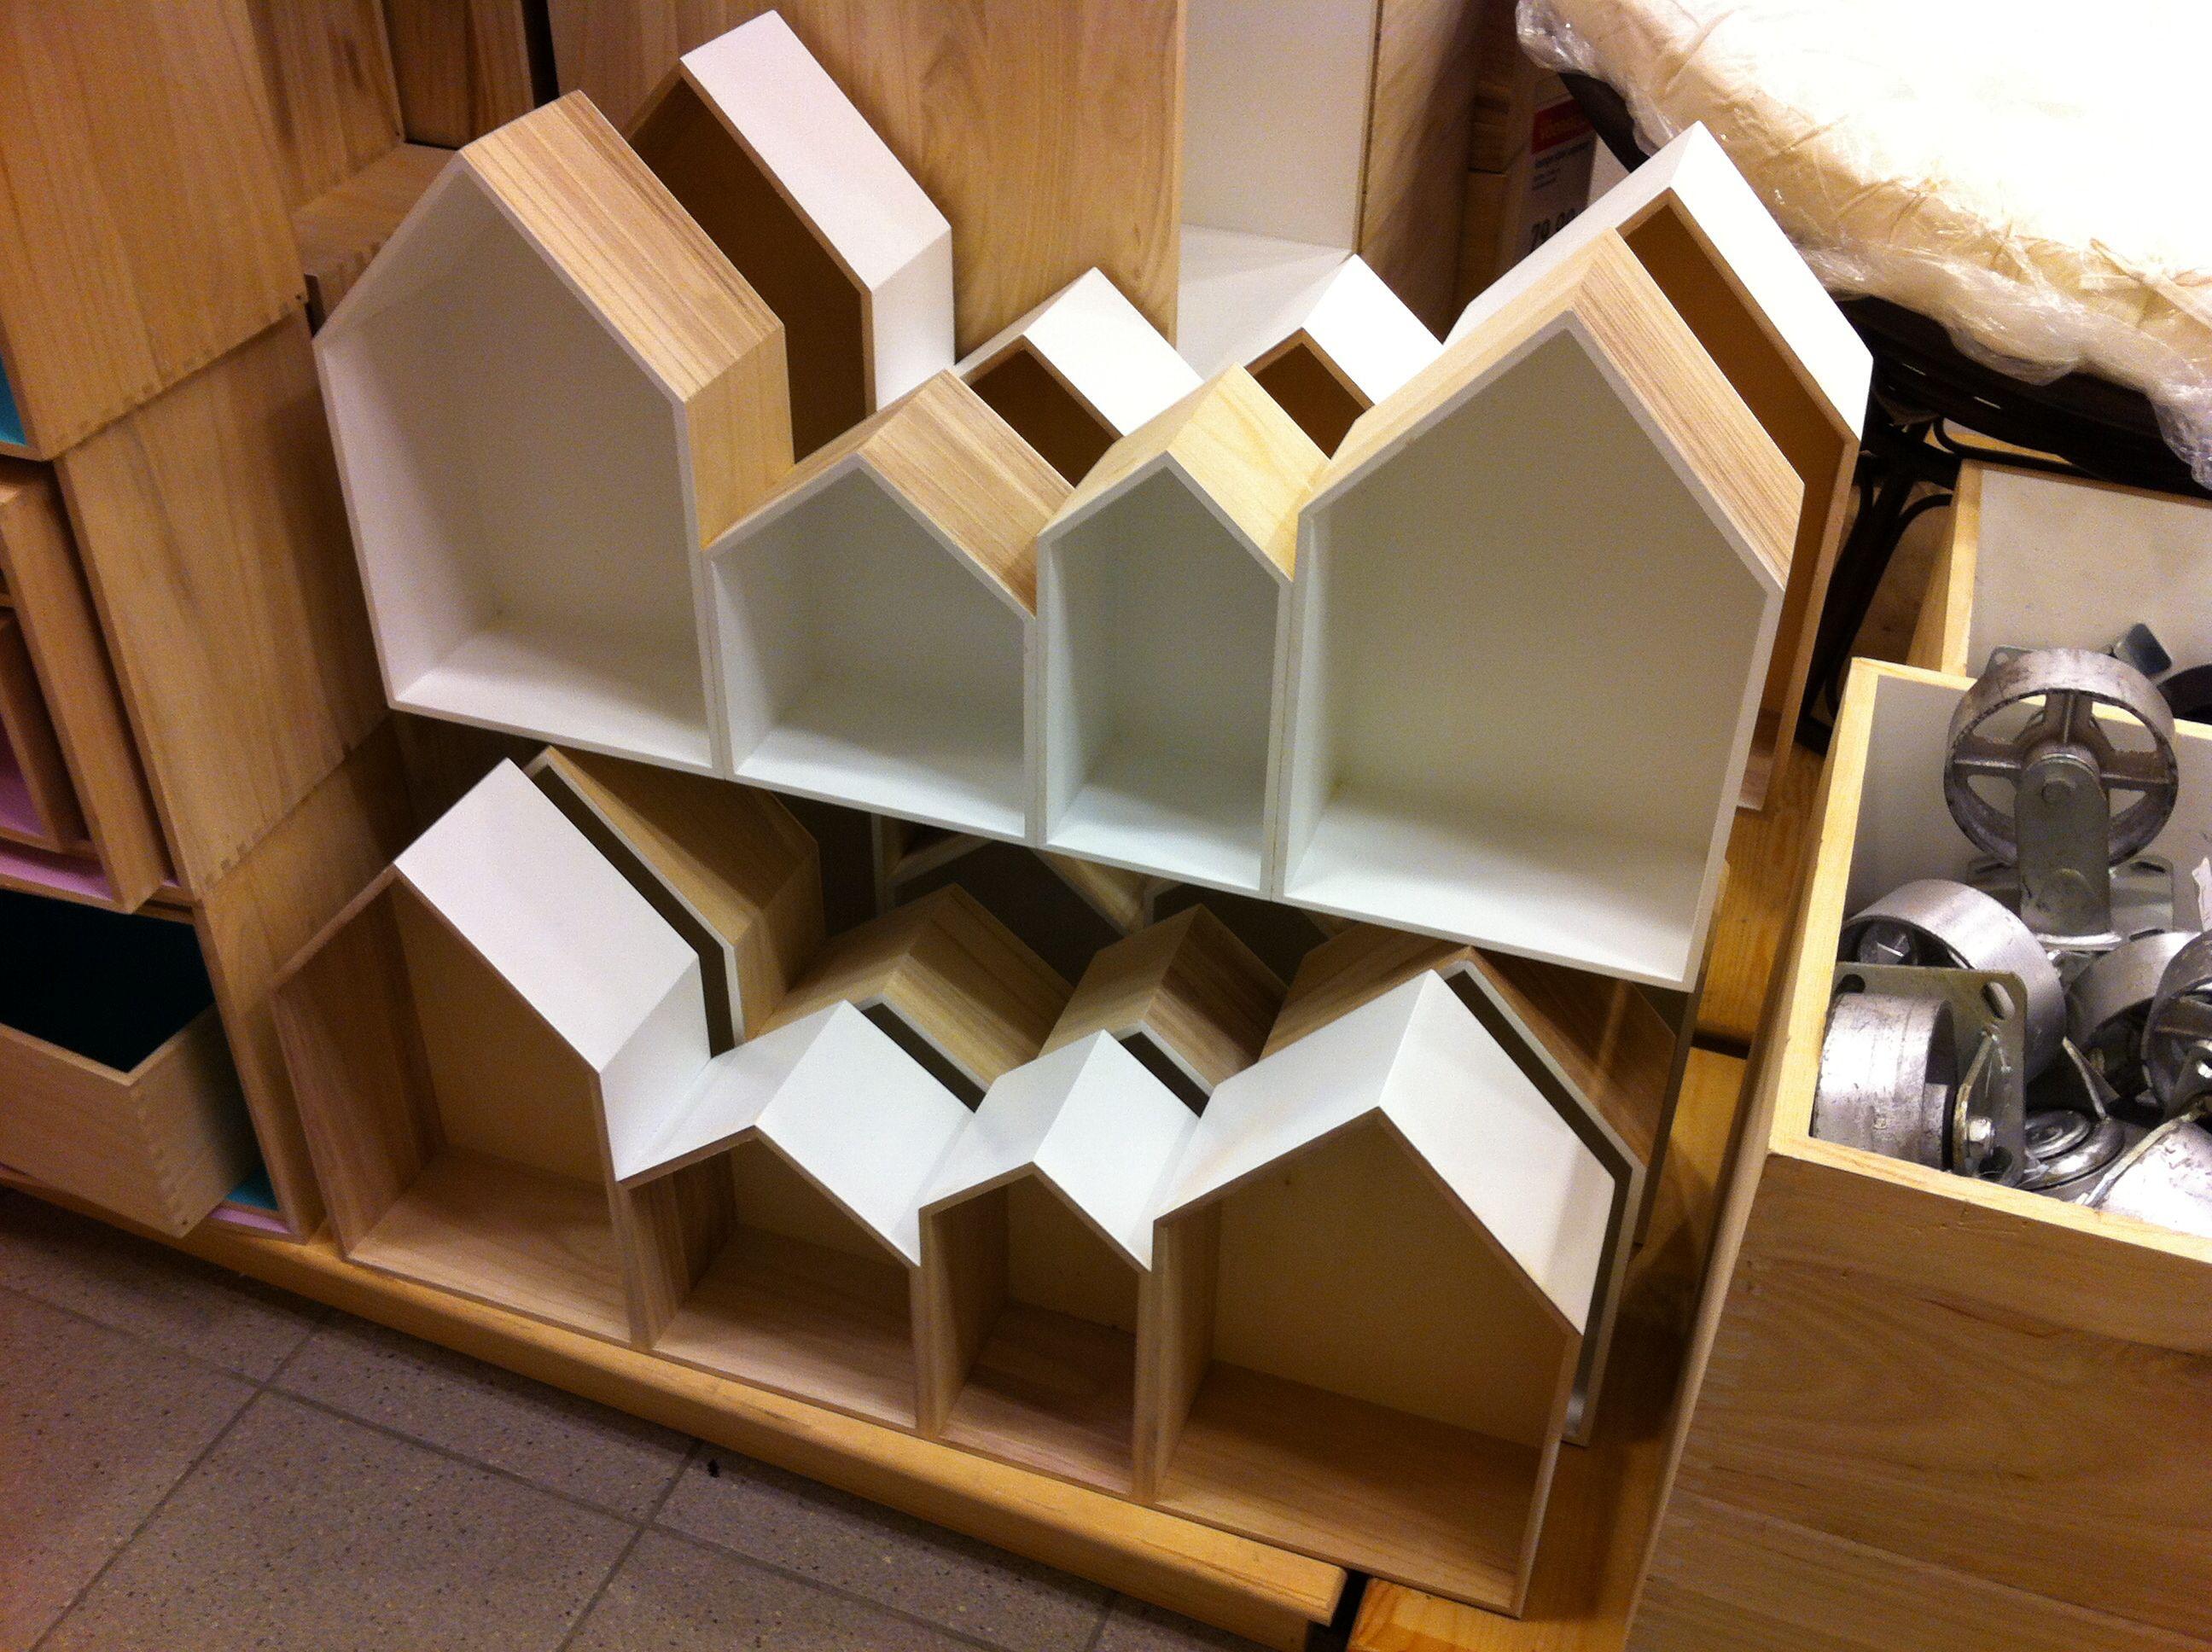 huisjes kast van xenos met witte binnenkant | inspiratie babykamer, Badezimmer ideen